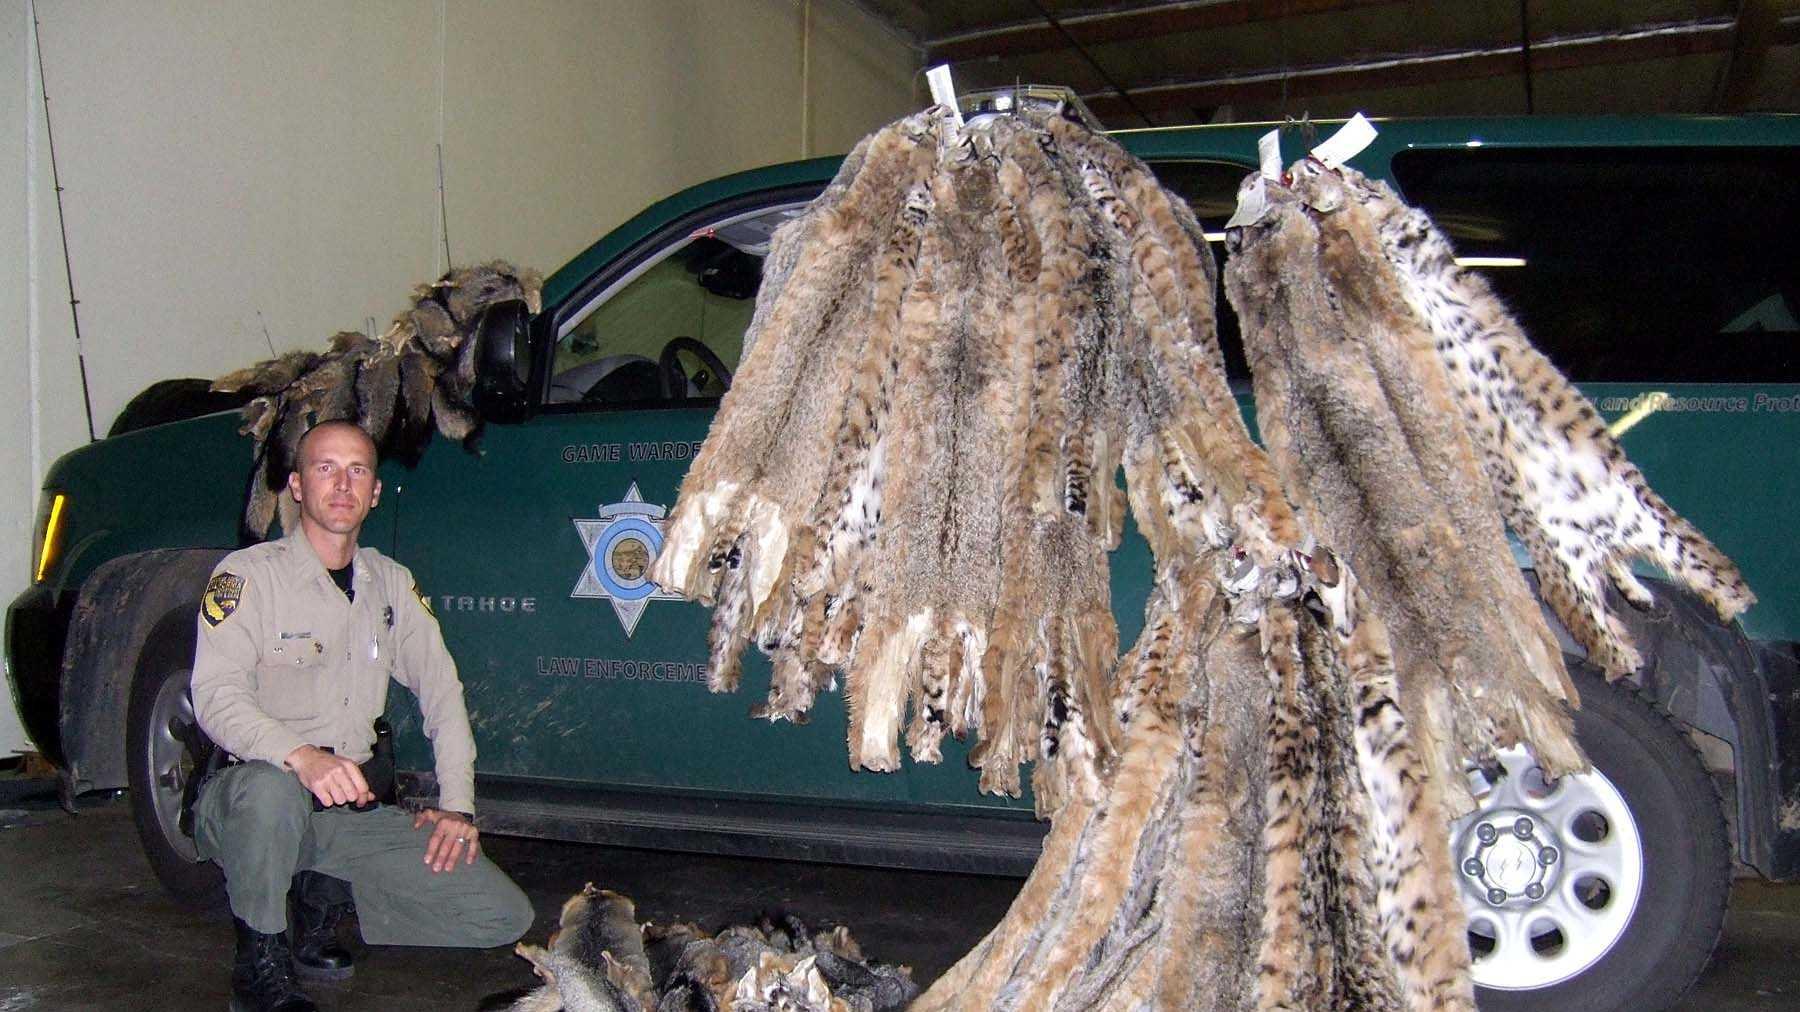 Bobcat poaching